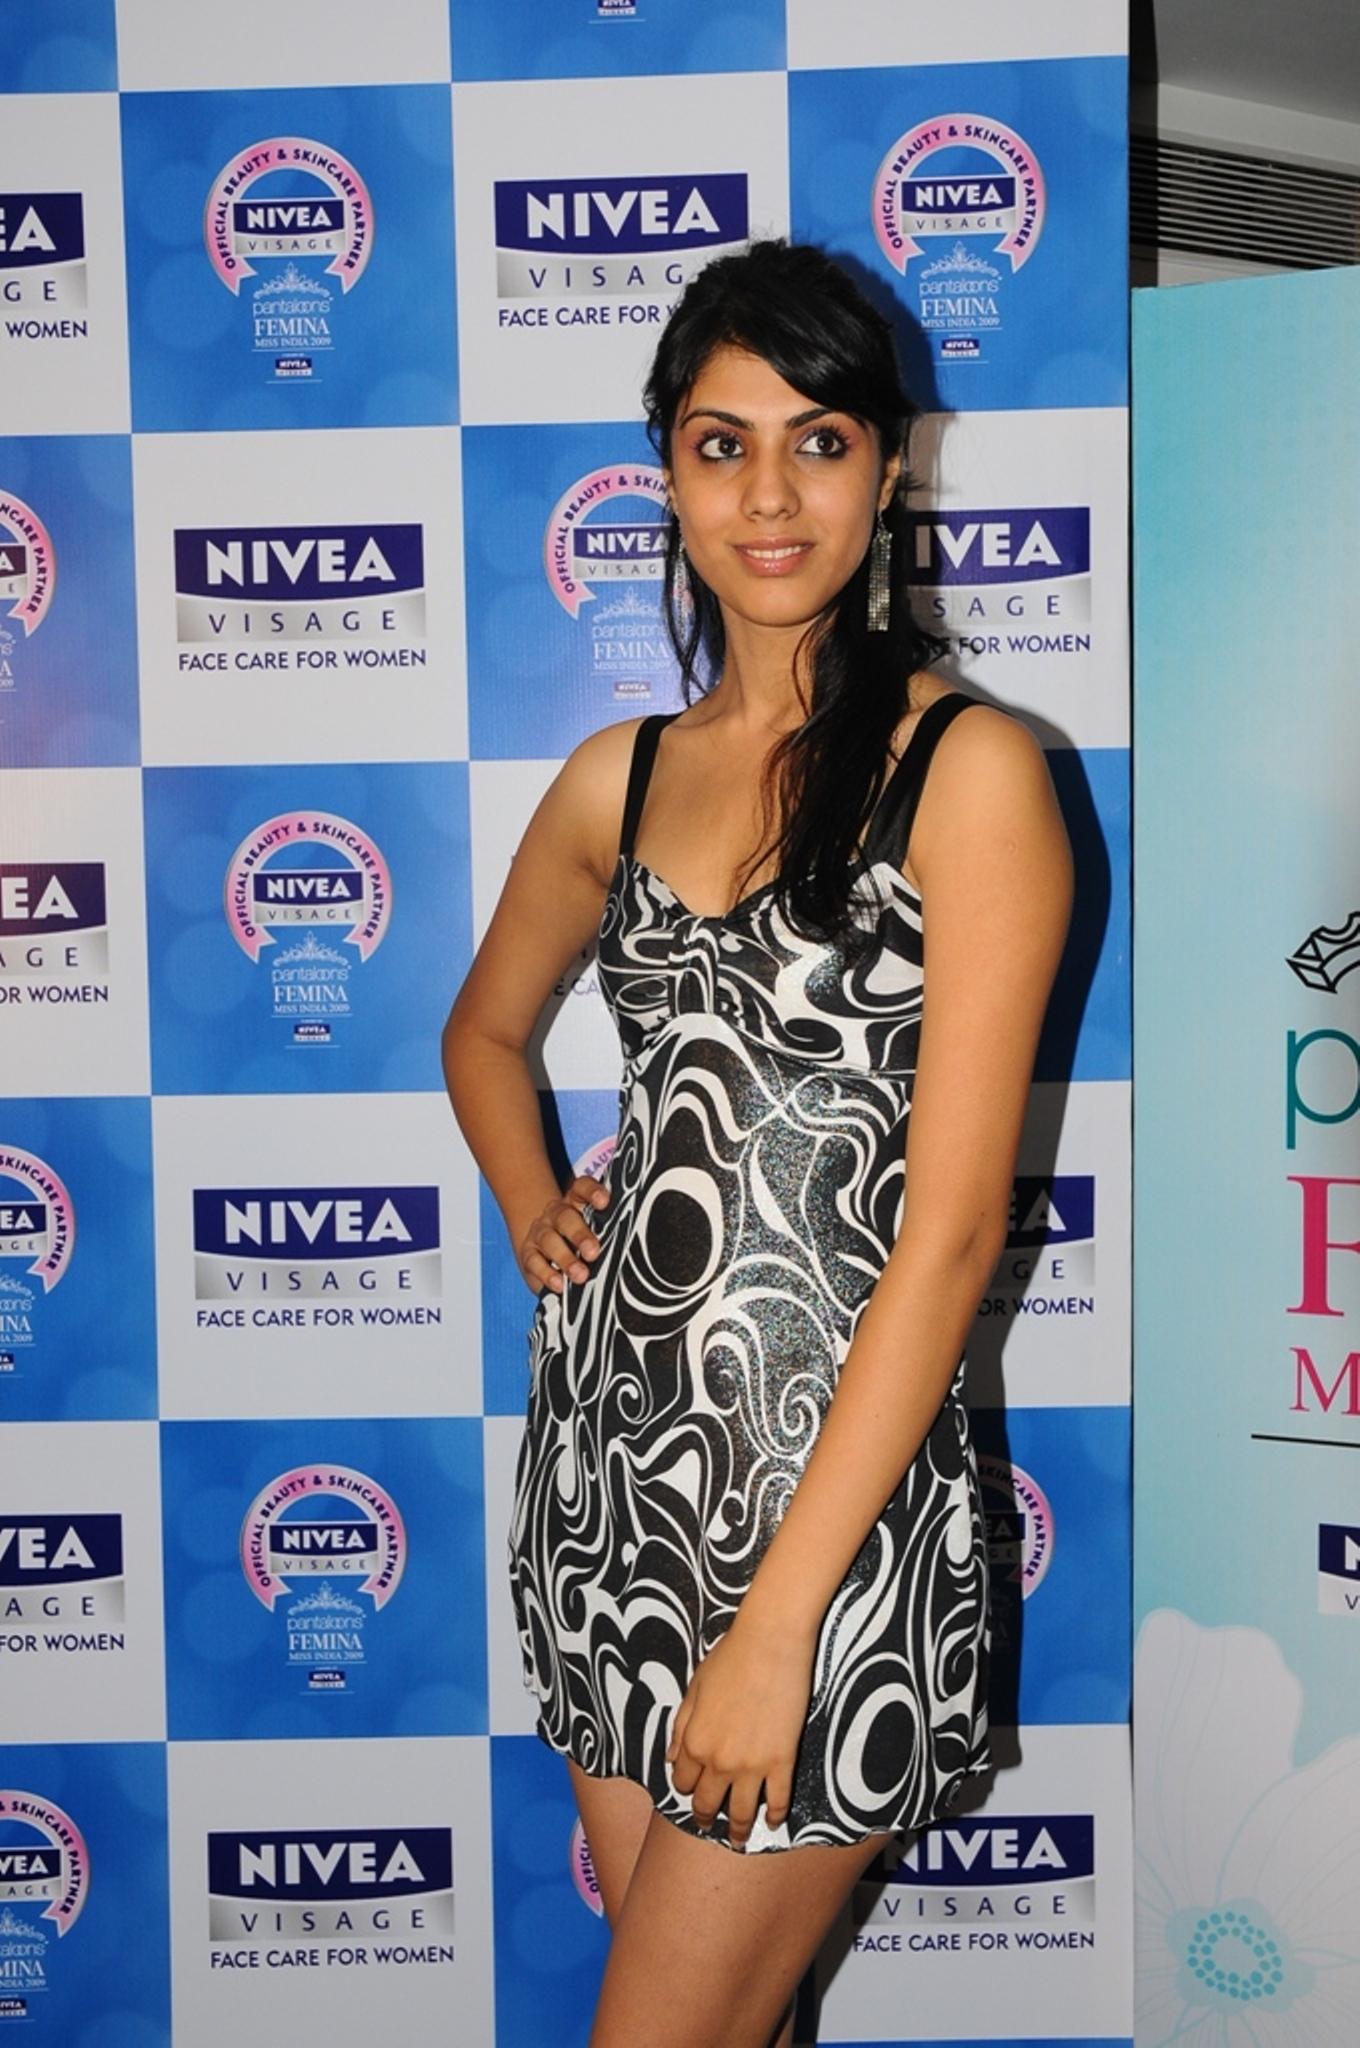 Heena Pardasani